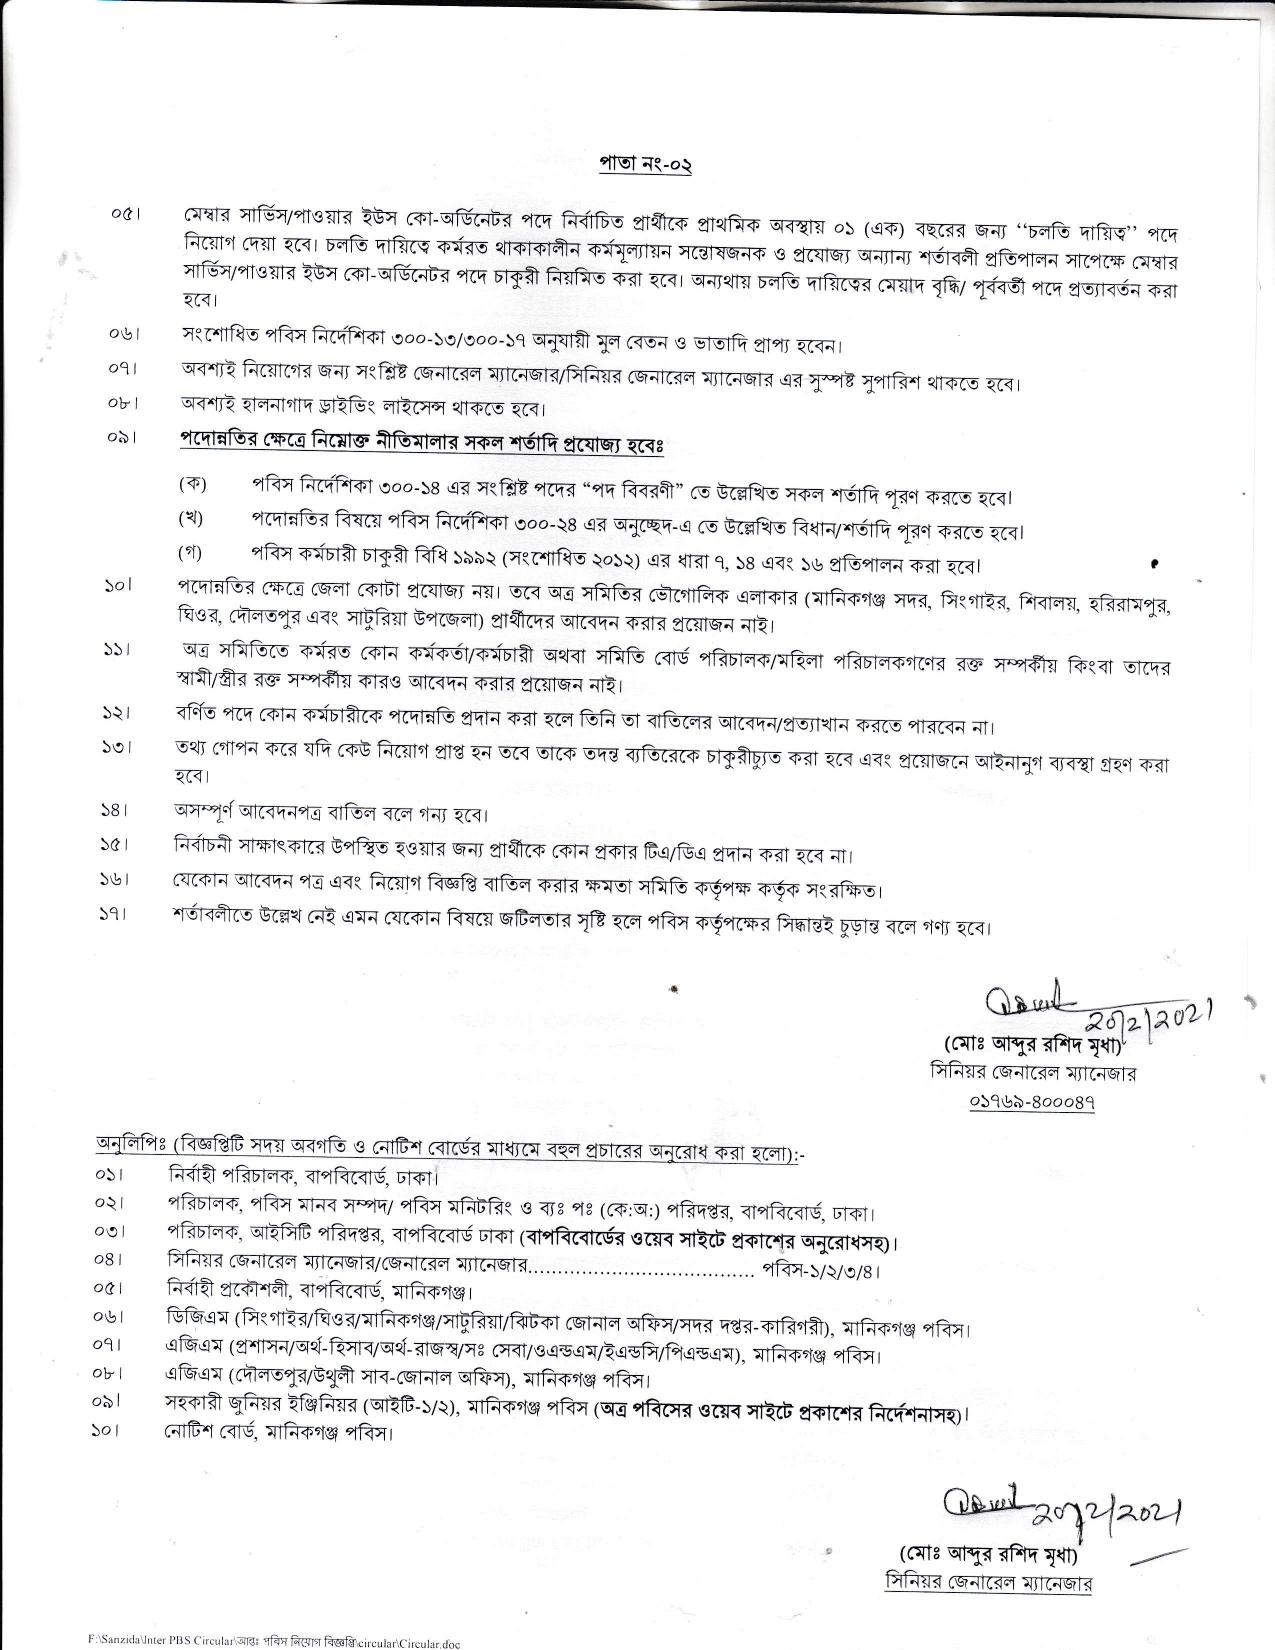 manikgonj palli bidyut somiti job circular 2021 - মানিকগঞ্জ পল্লী বিদ্যুৎ সমিতি  চাকরির খবর ২০২১